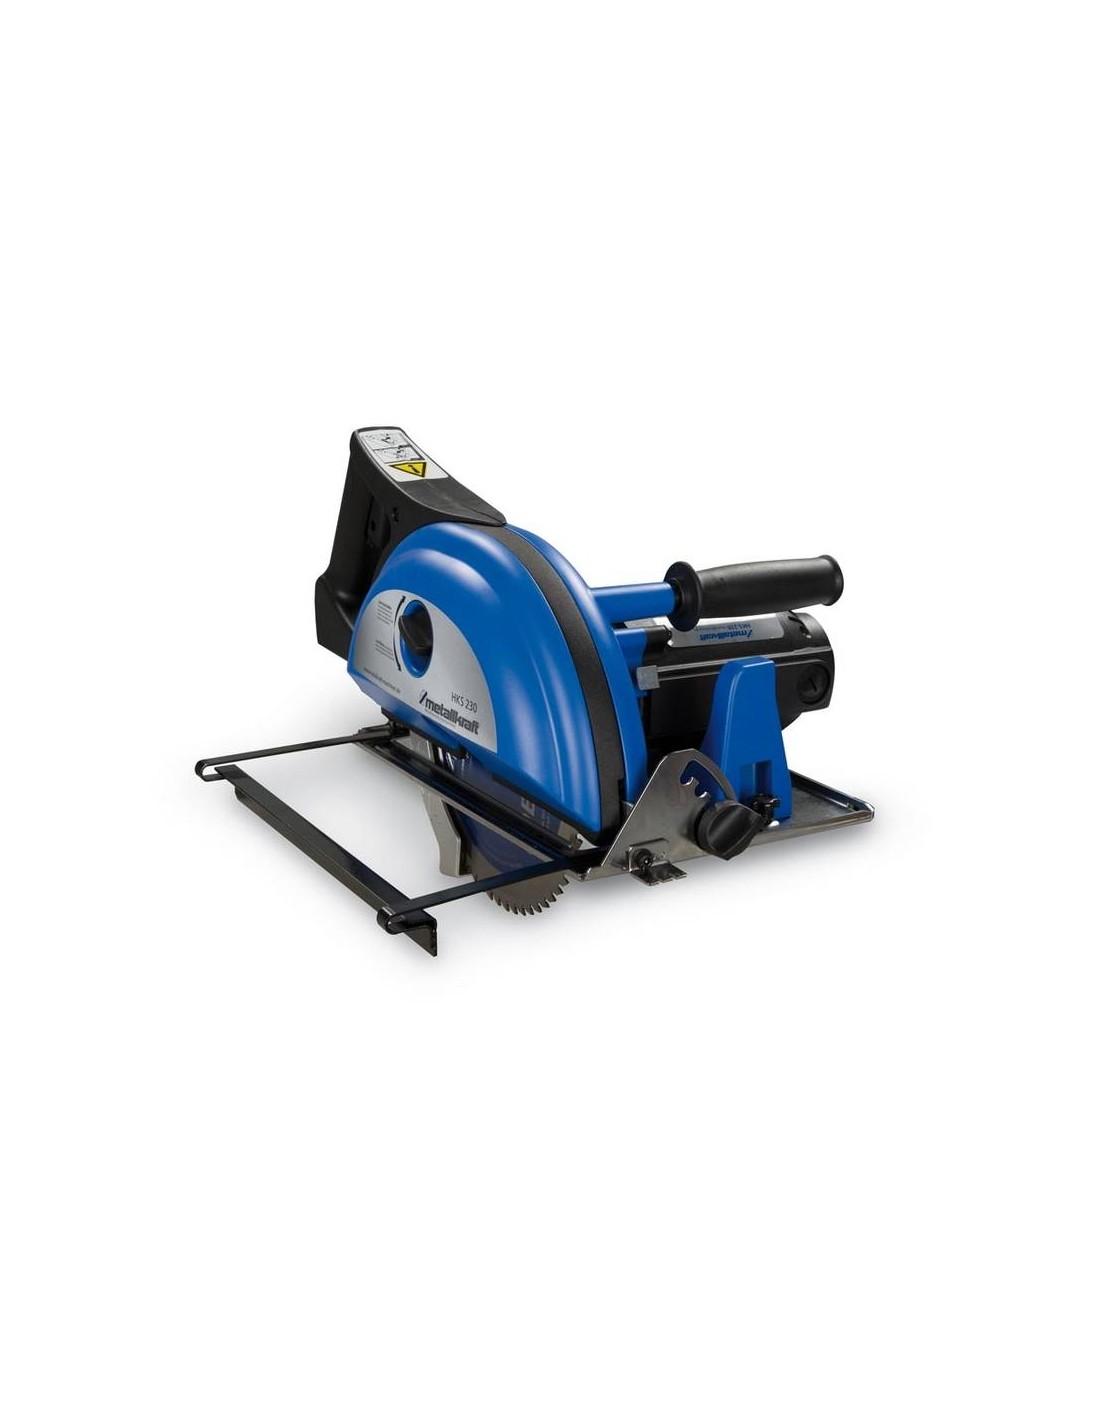 Ferastrau circular manual Metallkraft HKS 230